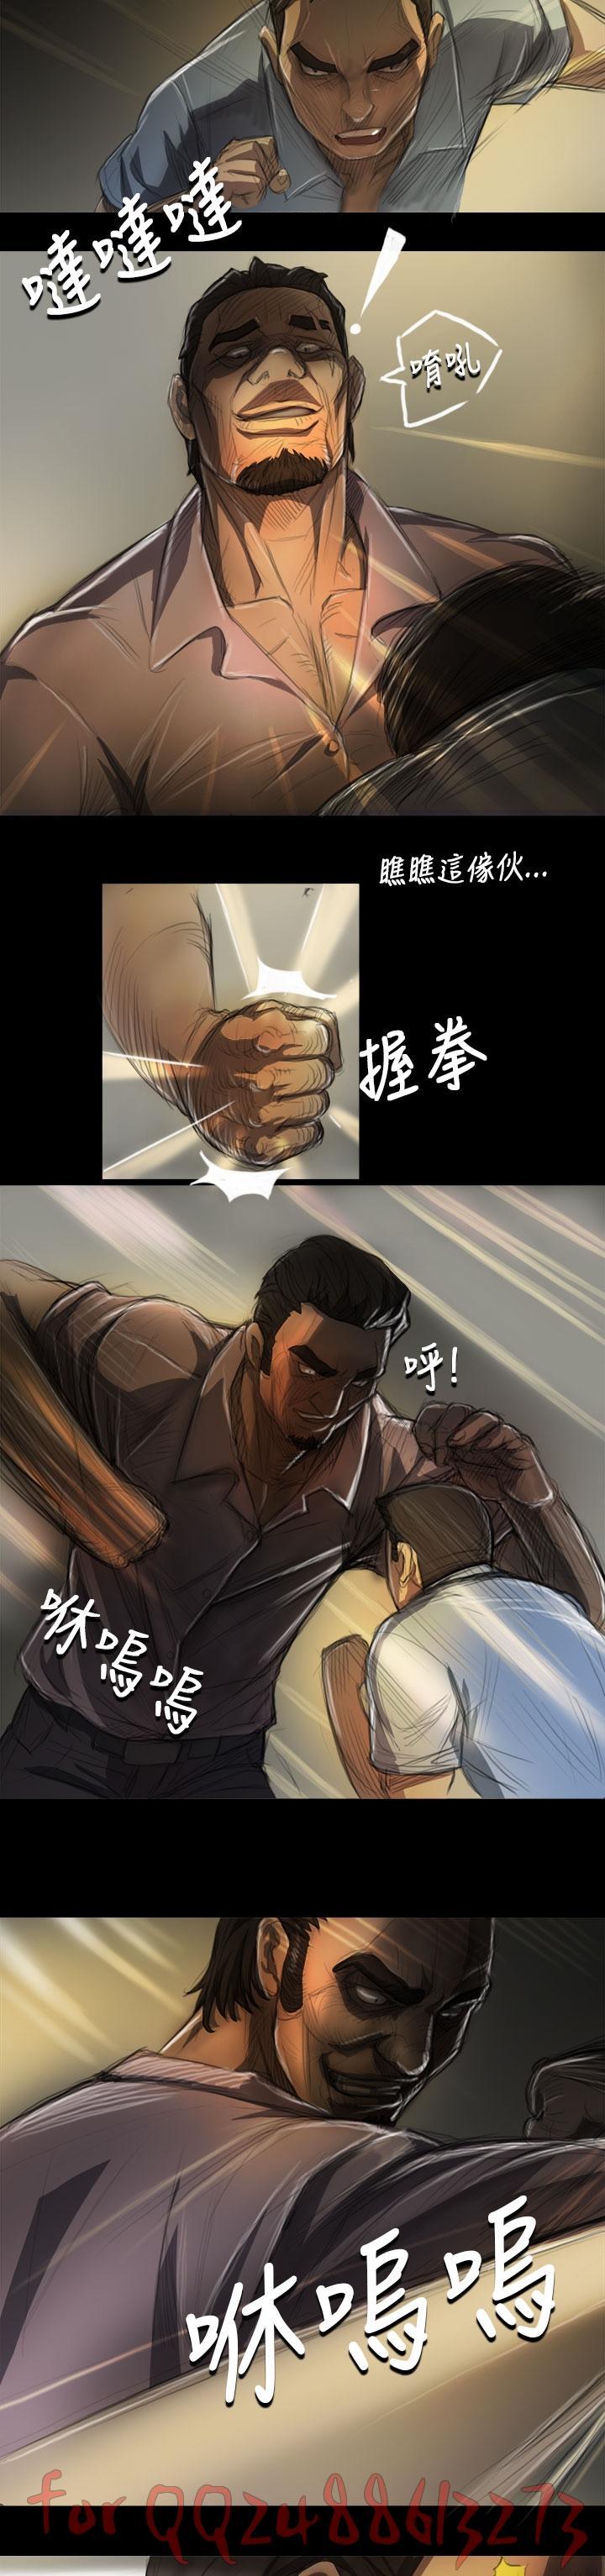 姊姊: 莲 第1~10話 [Chinese]中文 211